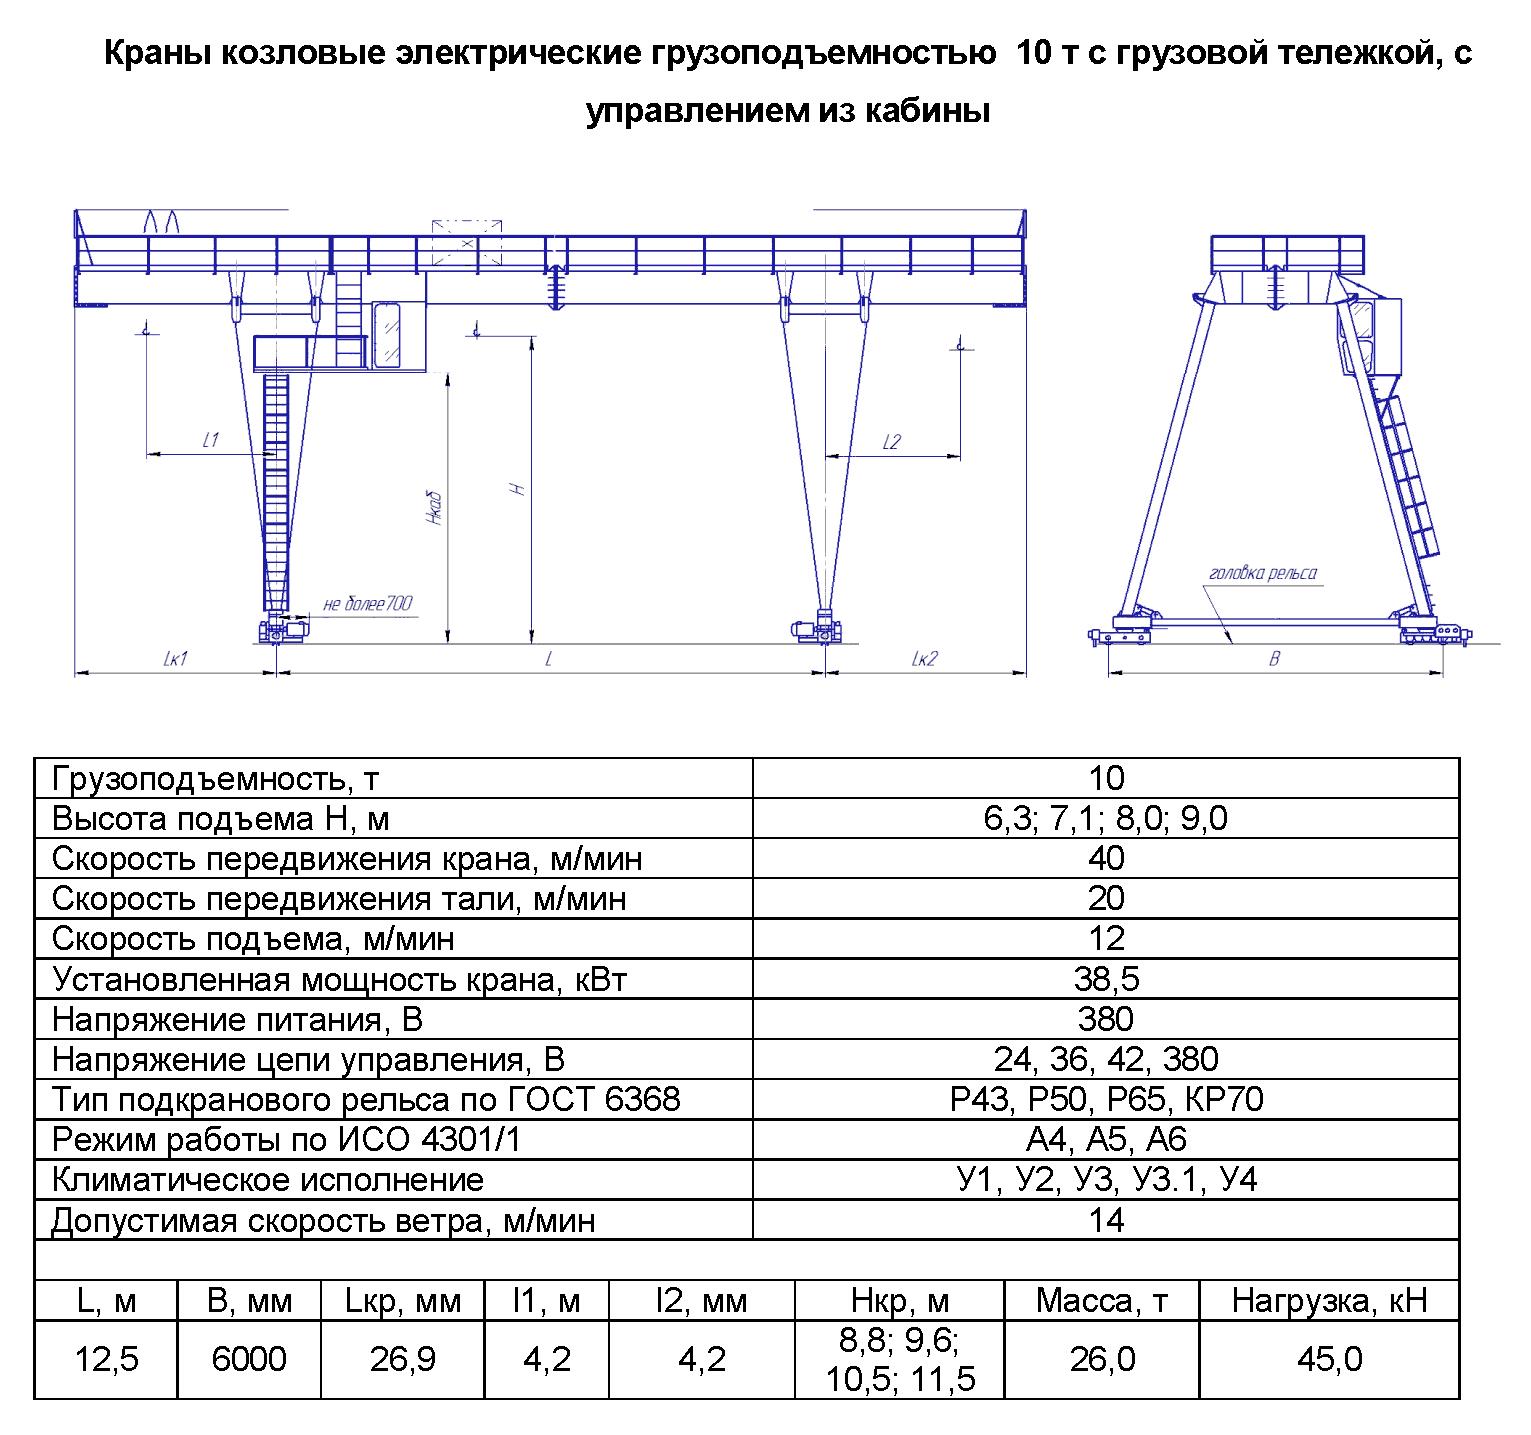 KKD 10 125 - Кран козловой электрический двухбалочный